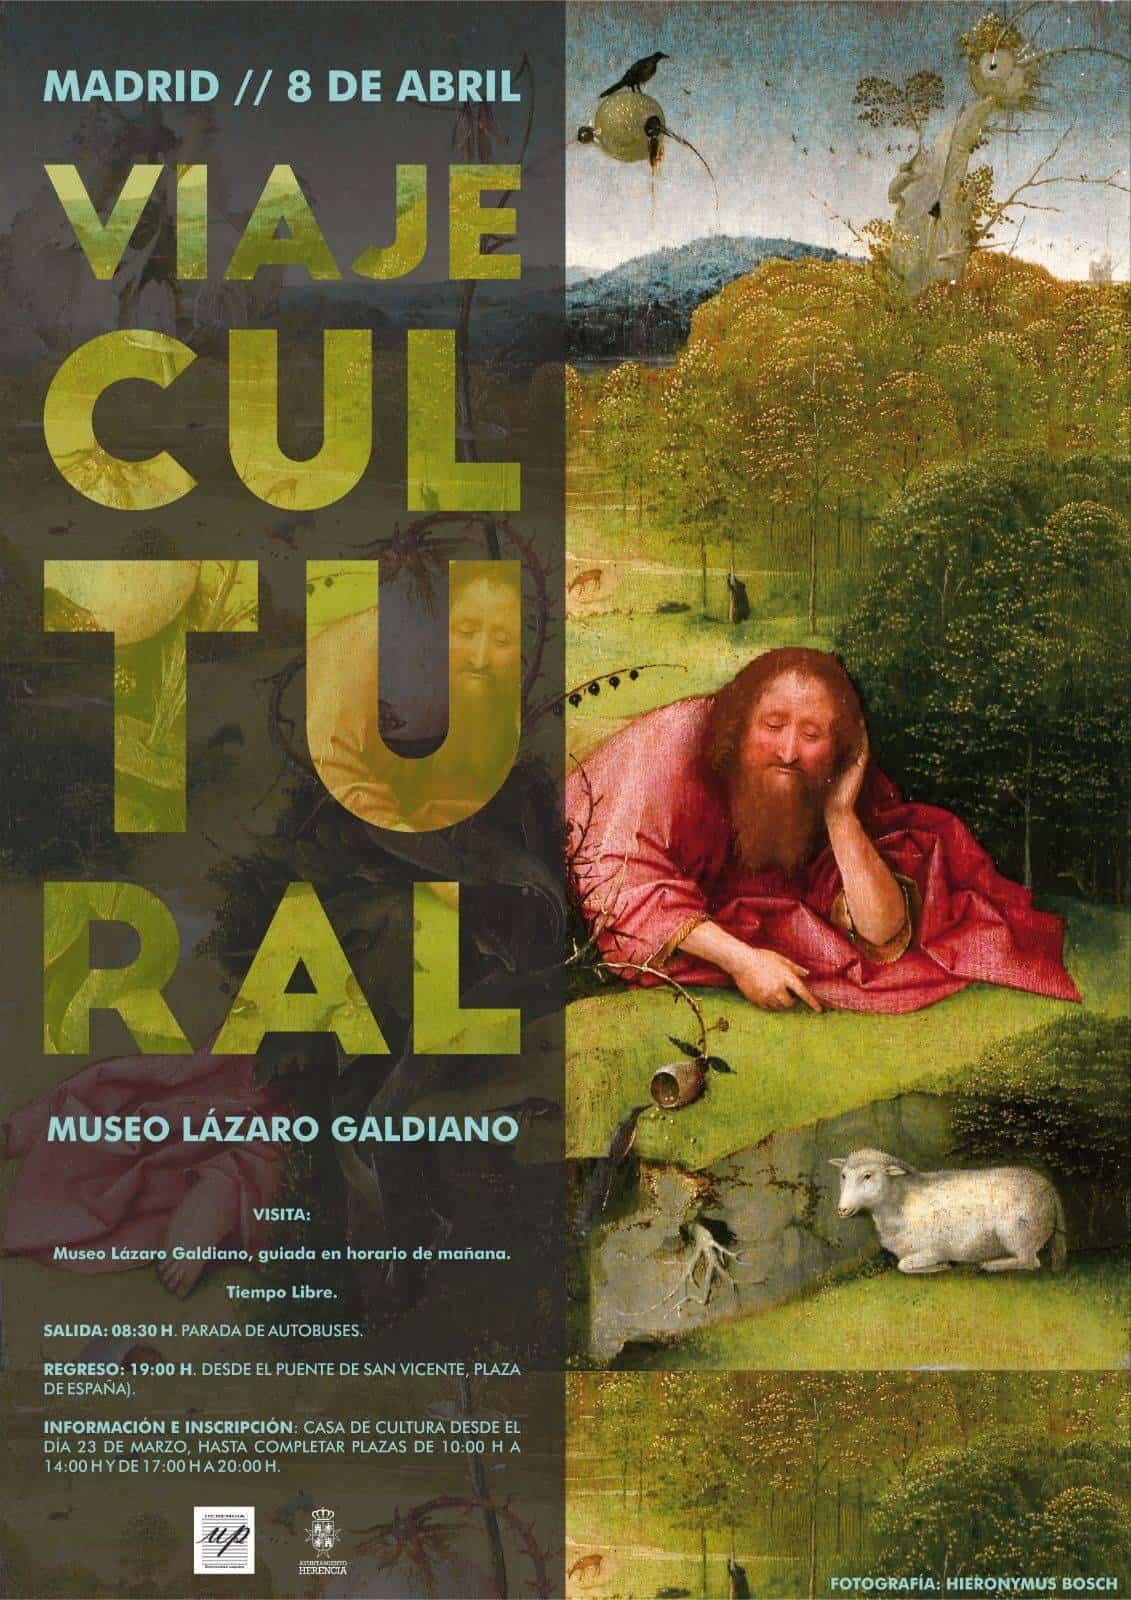 Viaje cultural al museo Lazaro Galdiano - Viaje cultural al museo Lázaro Galdiano de Madrid